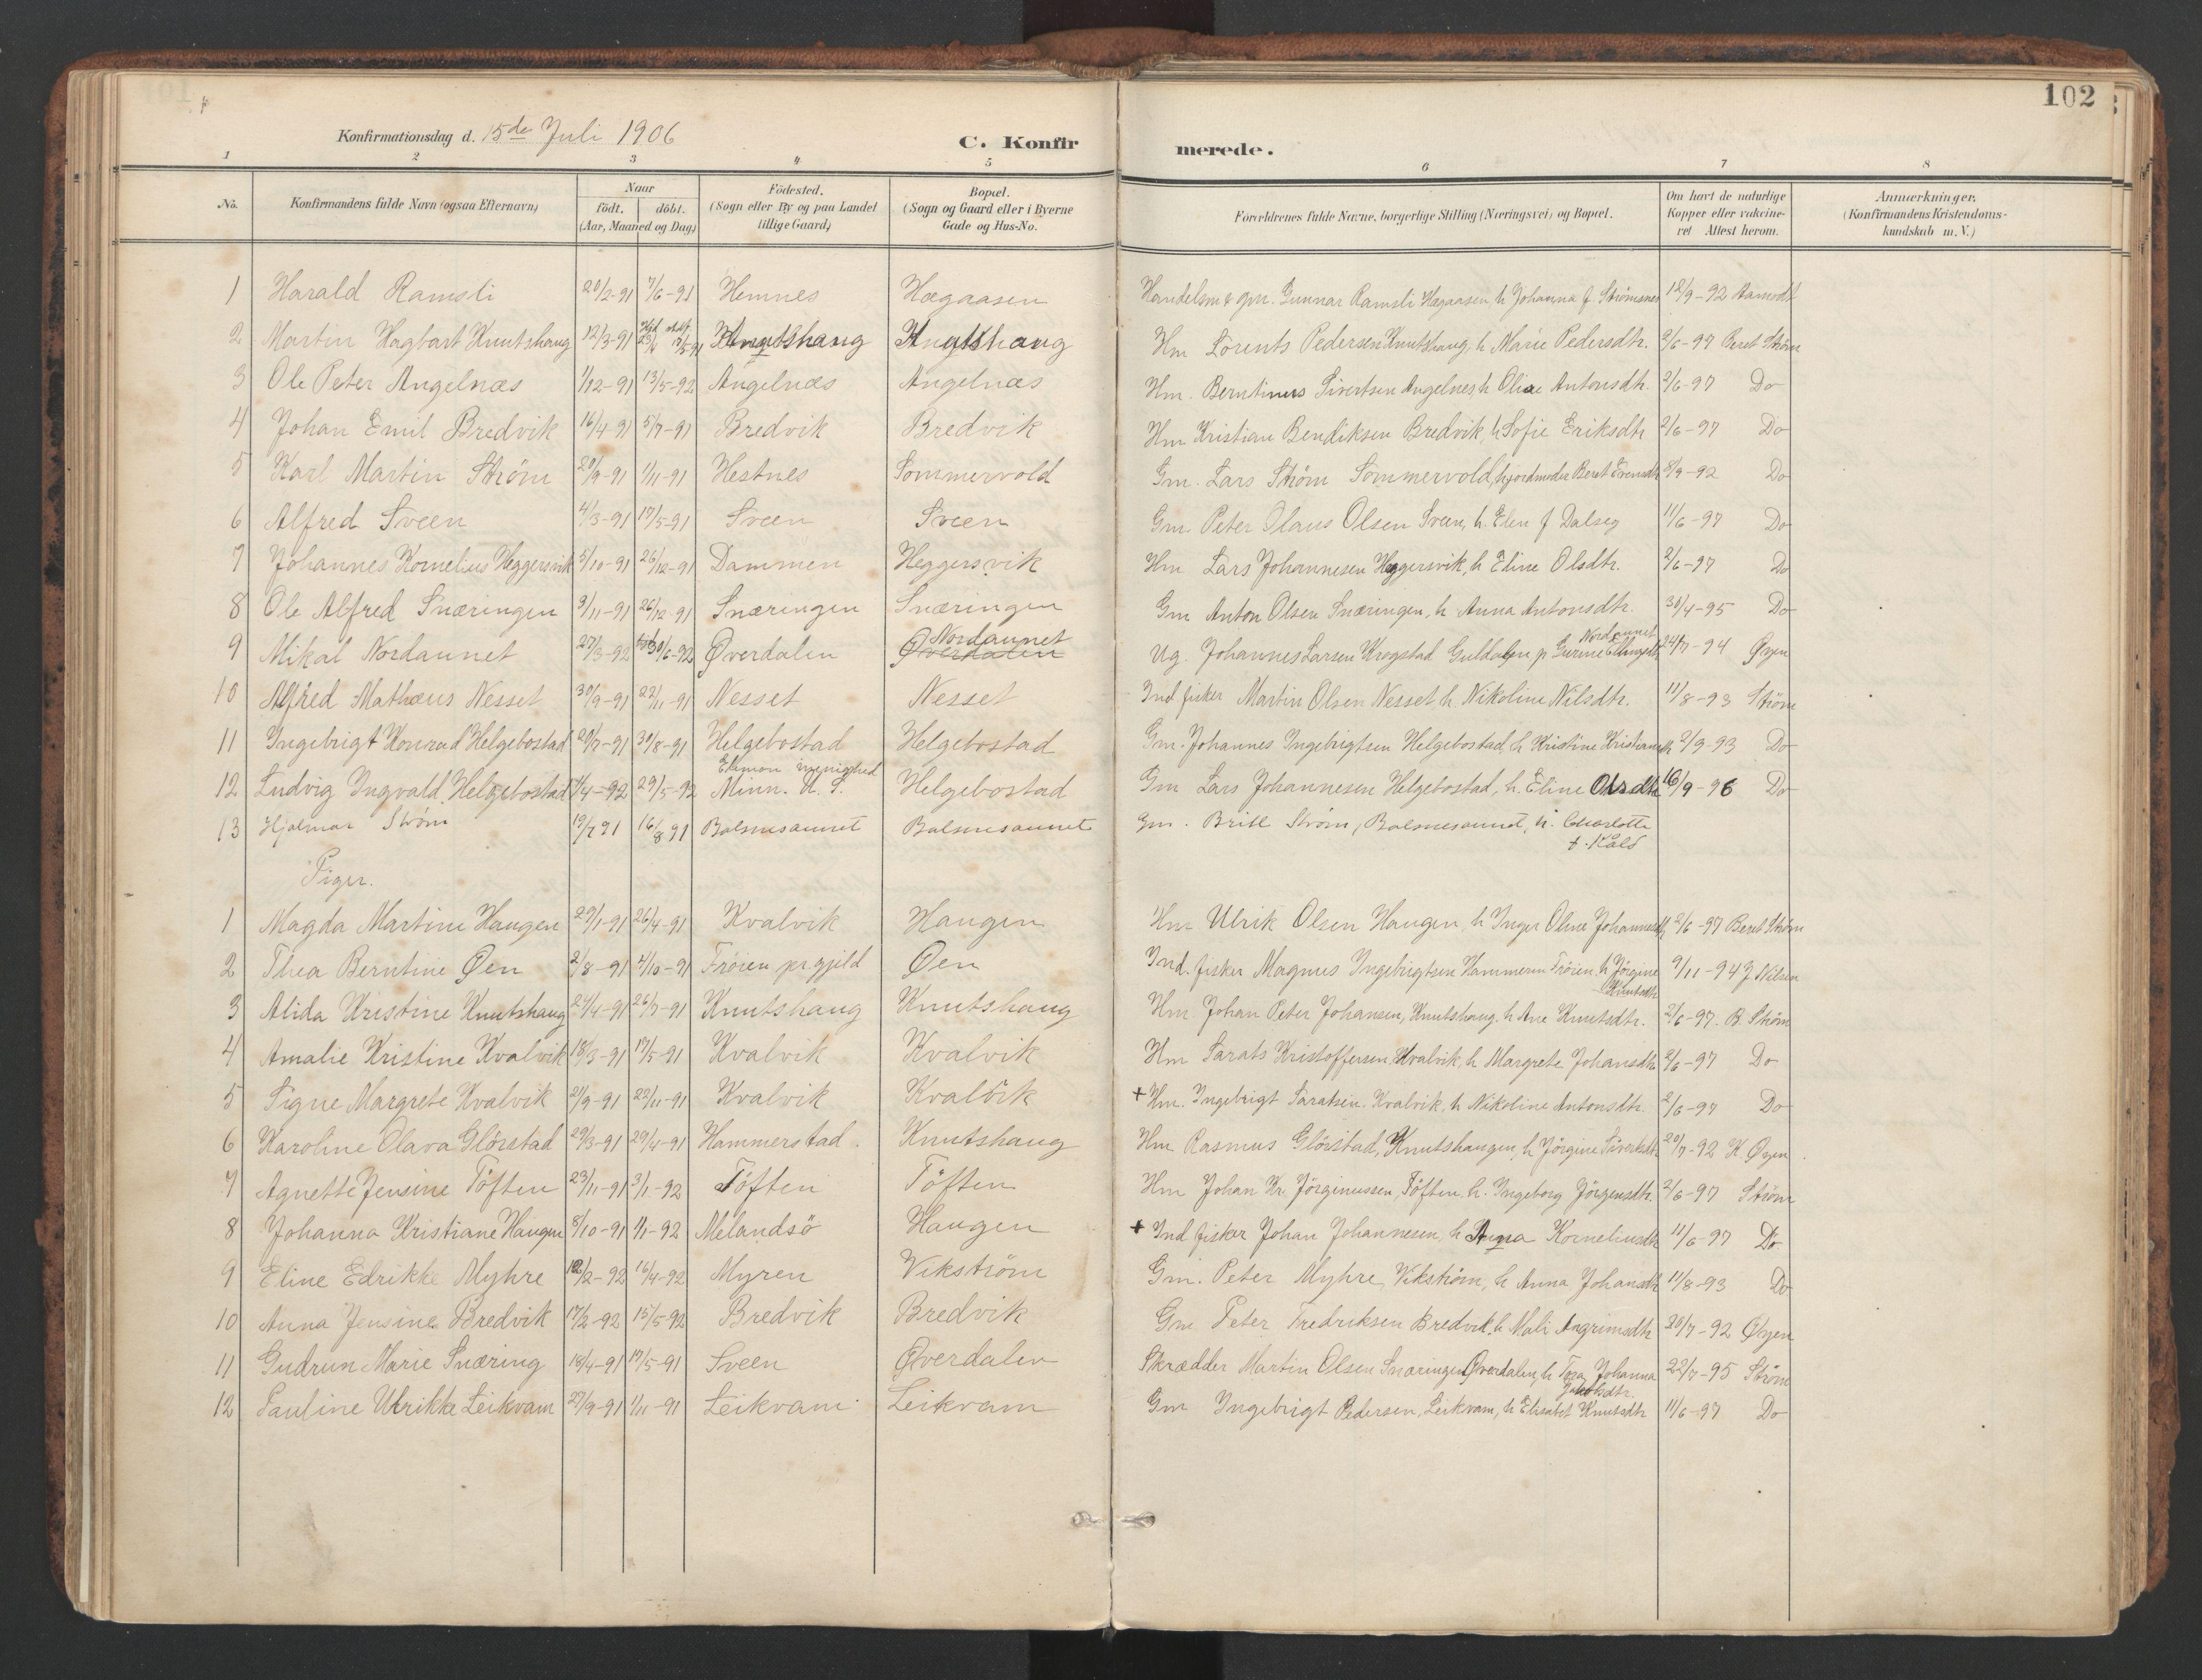 SAT, Ministerialprotokoller, klokkerbøker og fødselsregistre - Sør-Trøndelag, 634/L0537: Ministerialbok nr. 634A13, 1896-1922, s. 102